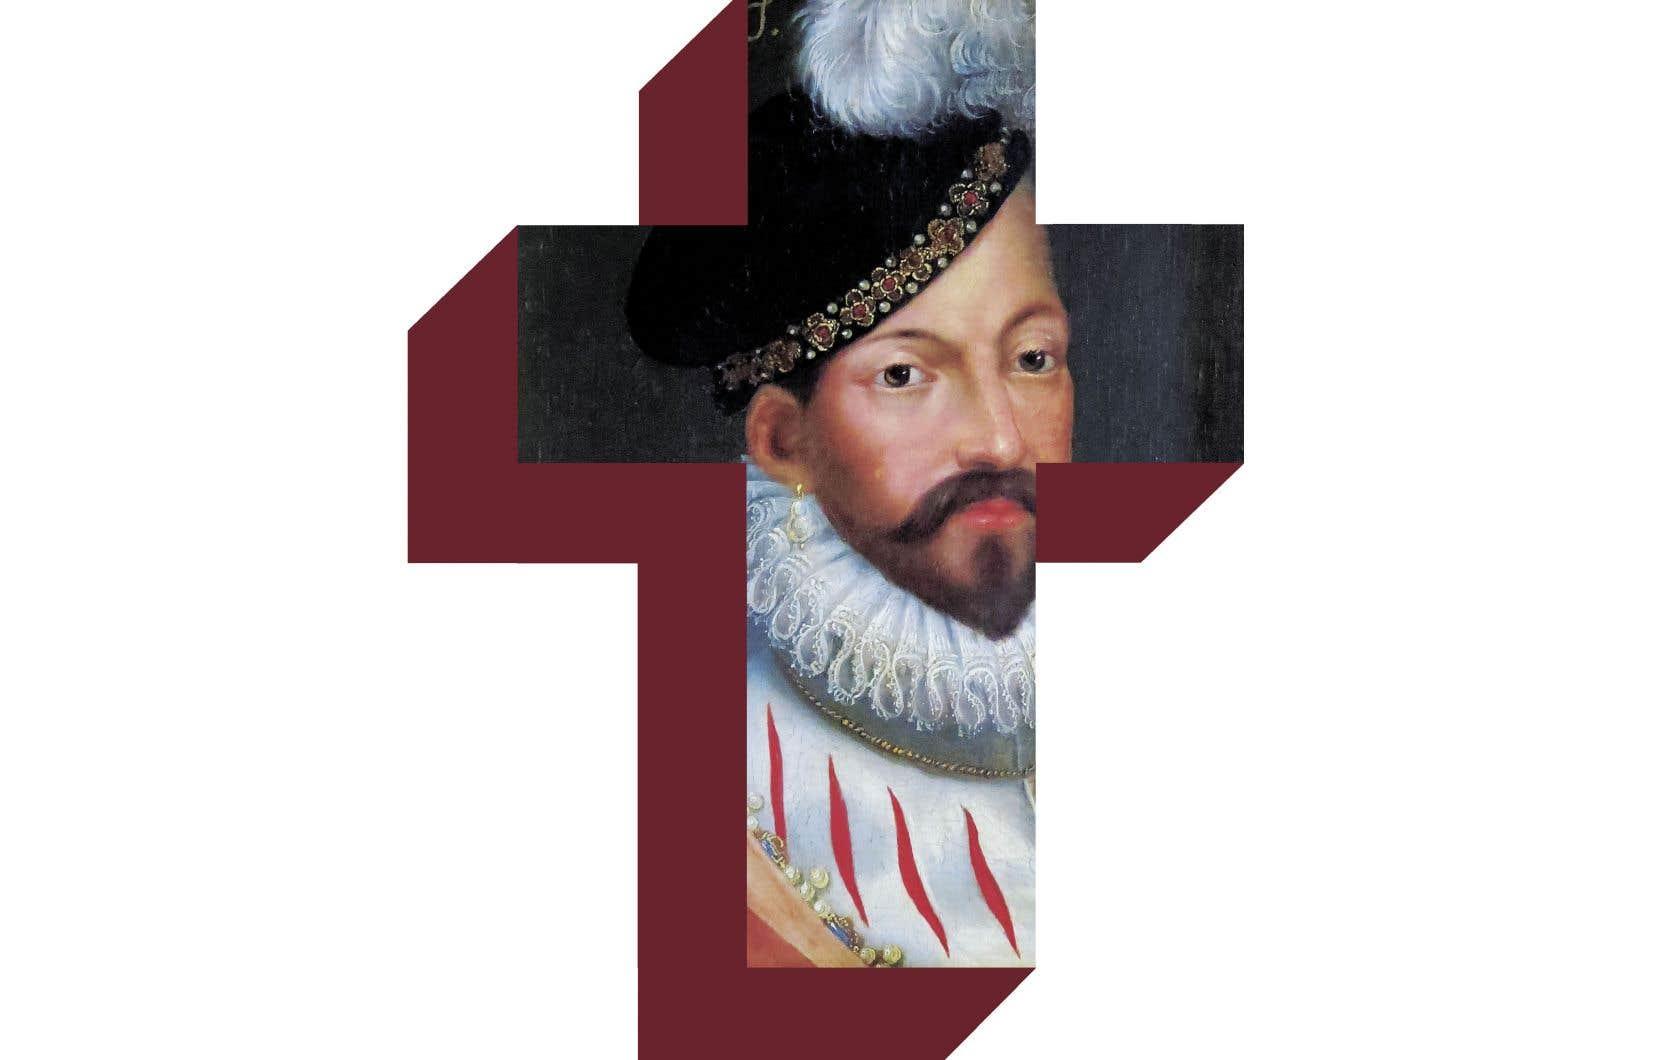 Le roi Charles IX, soucieux de préserver la paix fragile revenue entre catholiques et protestants, promulgue en 1563 l'édit d'Amboise, un traité de paix qui garantit certains droits aux protestants et qui transforme profondément les conditions de la coexistence religieuse.